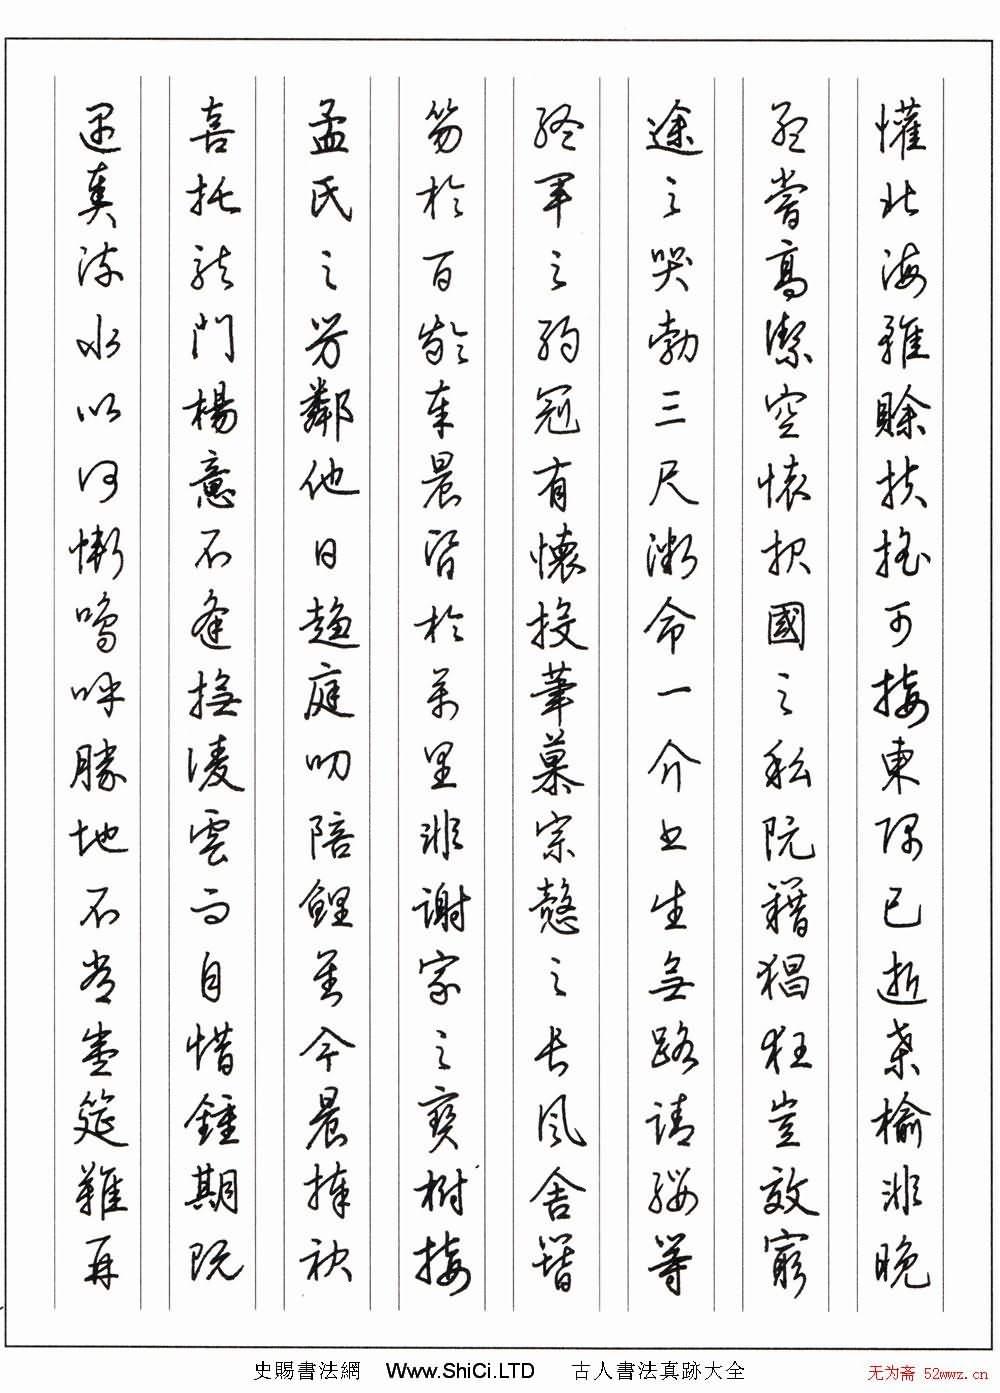 田雪松硬筆書法作品真跡欣賞(共6張圖片)